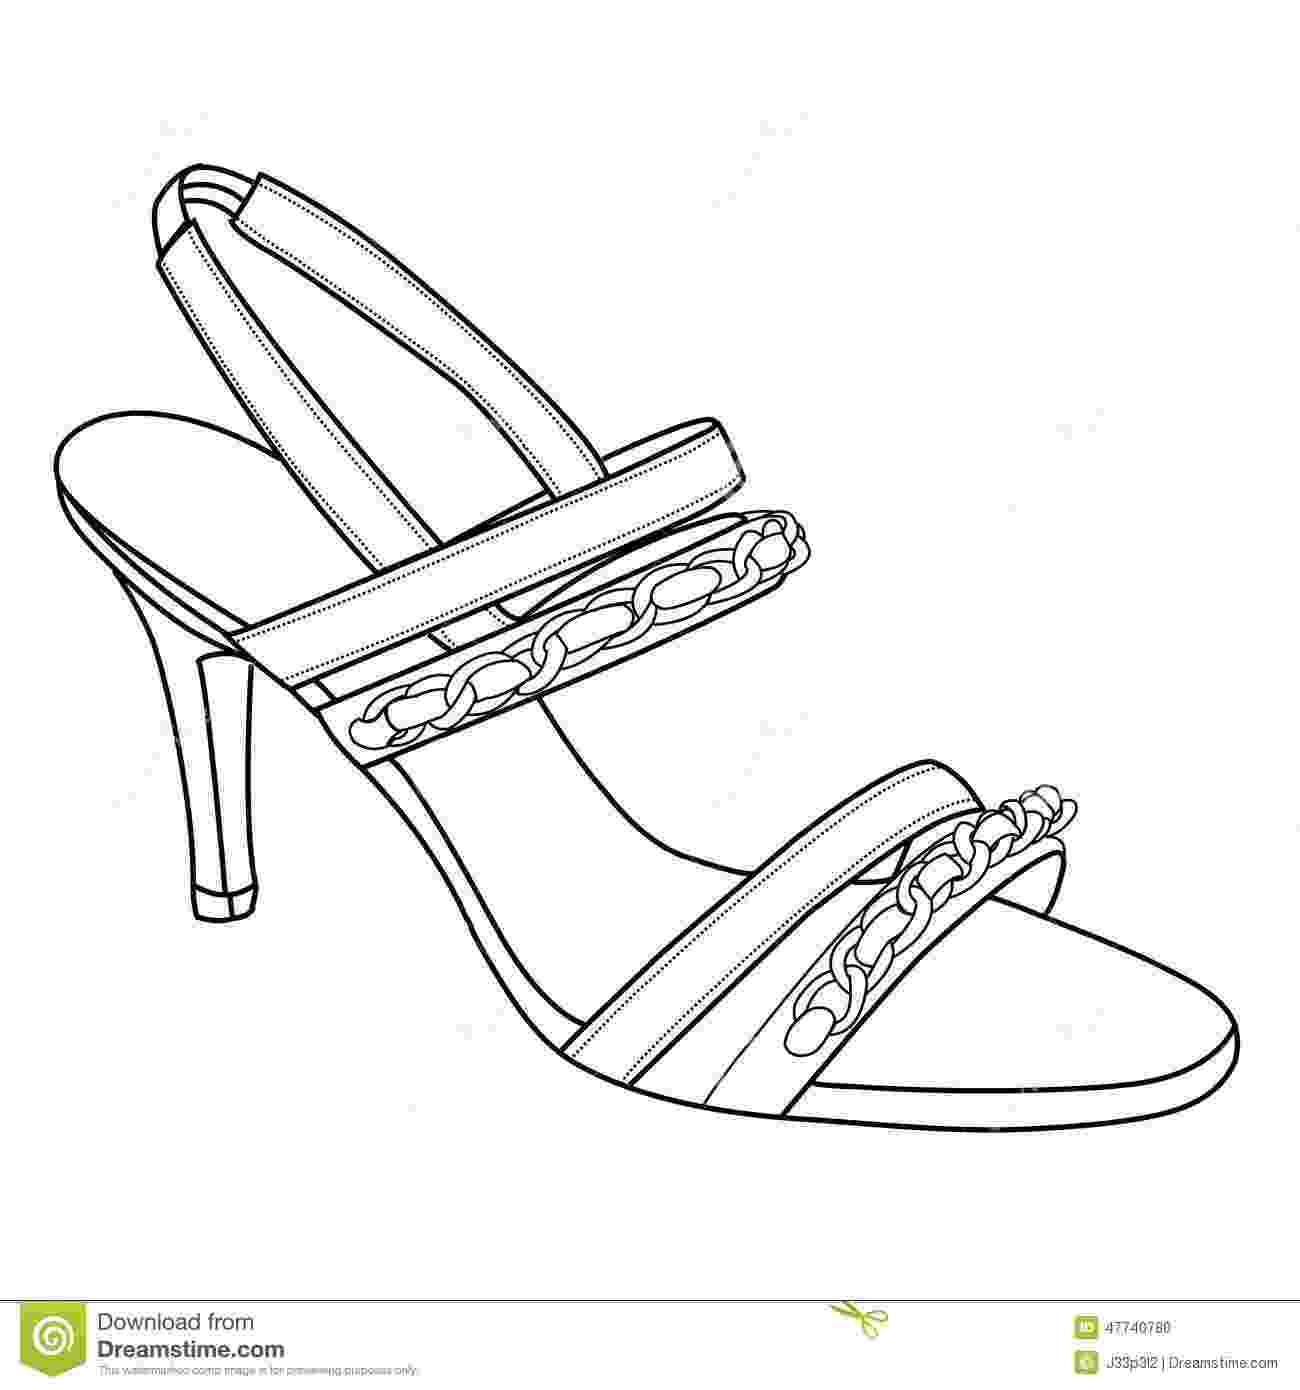 heels sketch high heels shoes stock vector image 47740780 sketch heels